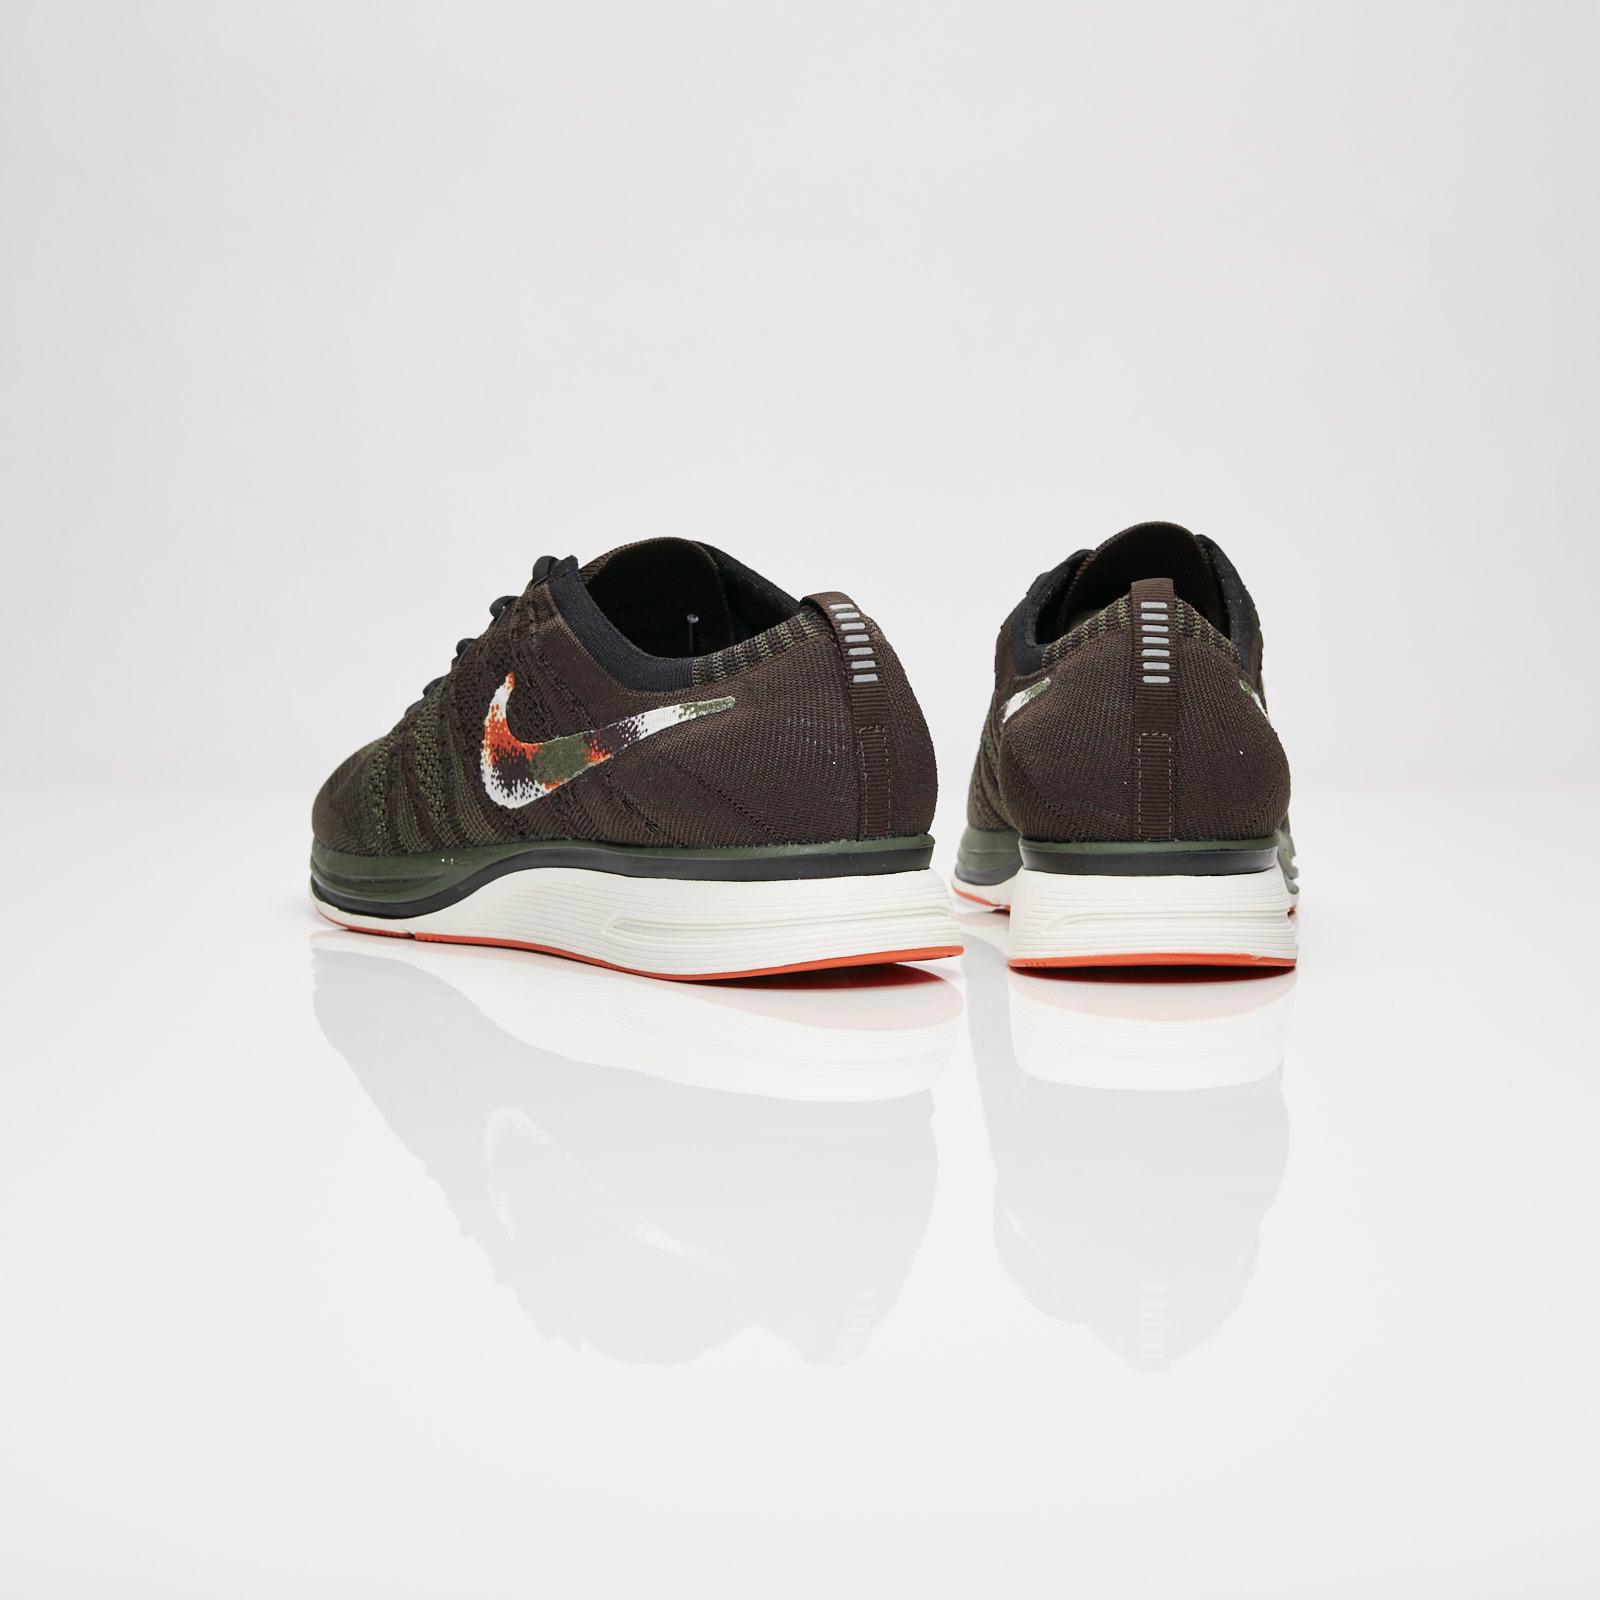 ee6ca508a526 Nike Flyknit Trainer - Ah8396-202 - Sneakersnstuff